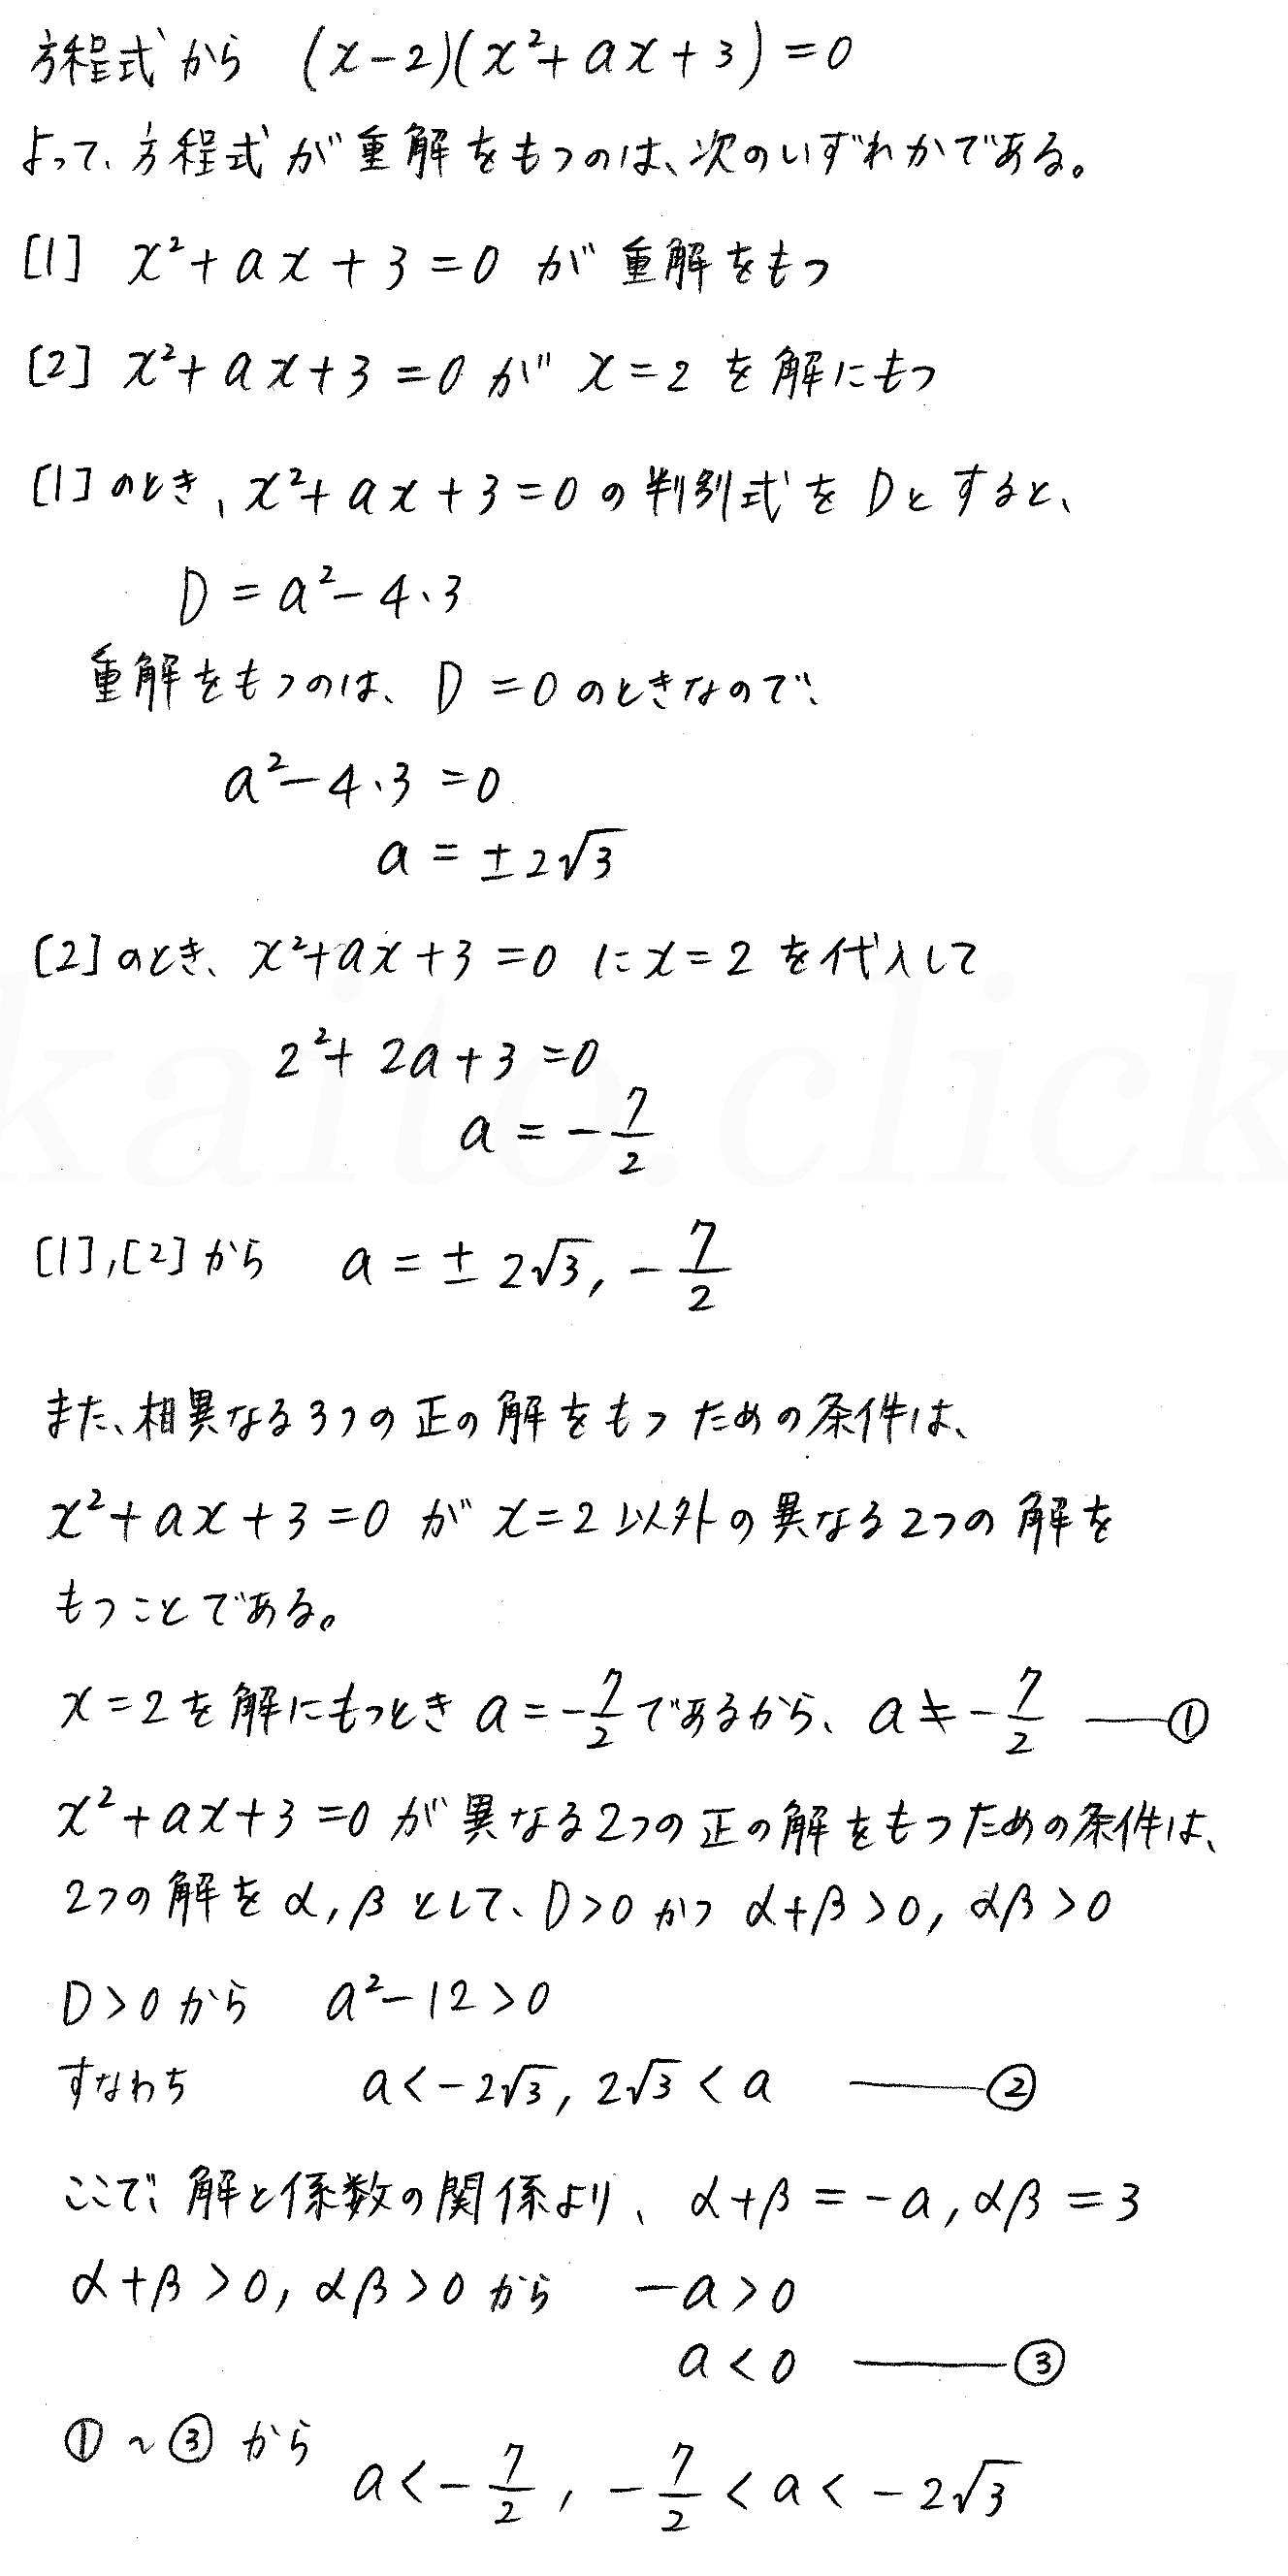 クリアー数学演習12AB受験編-38解答